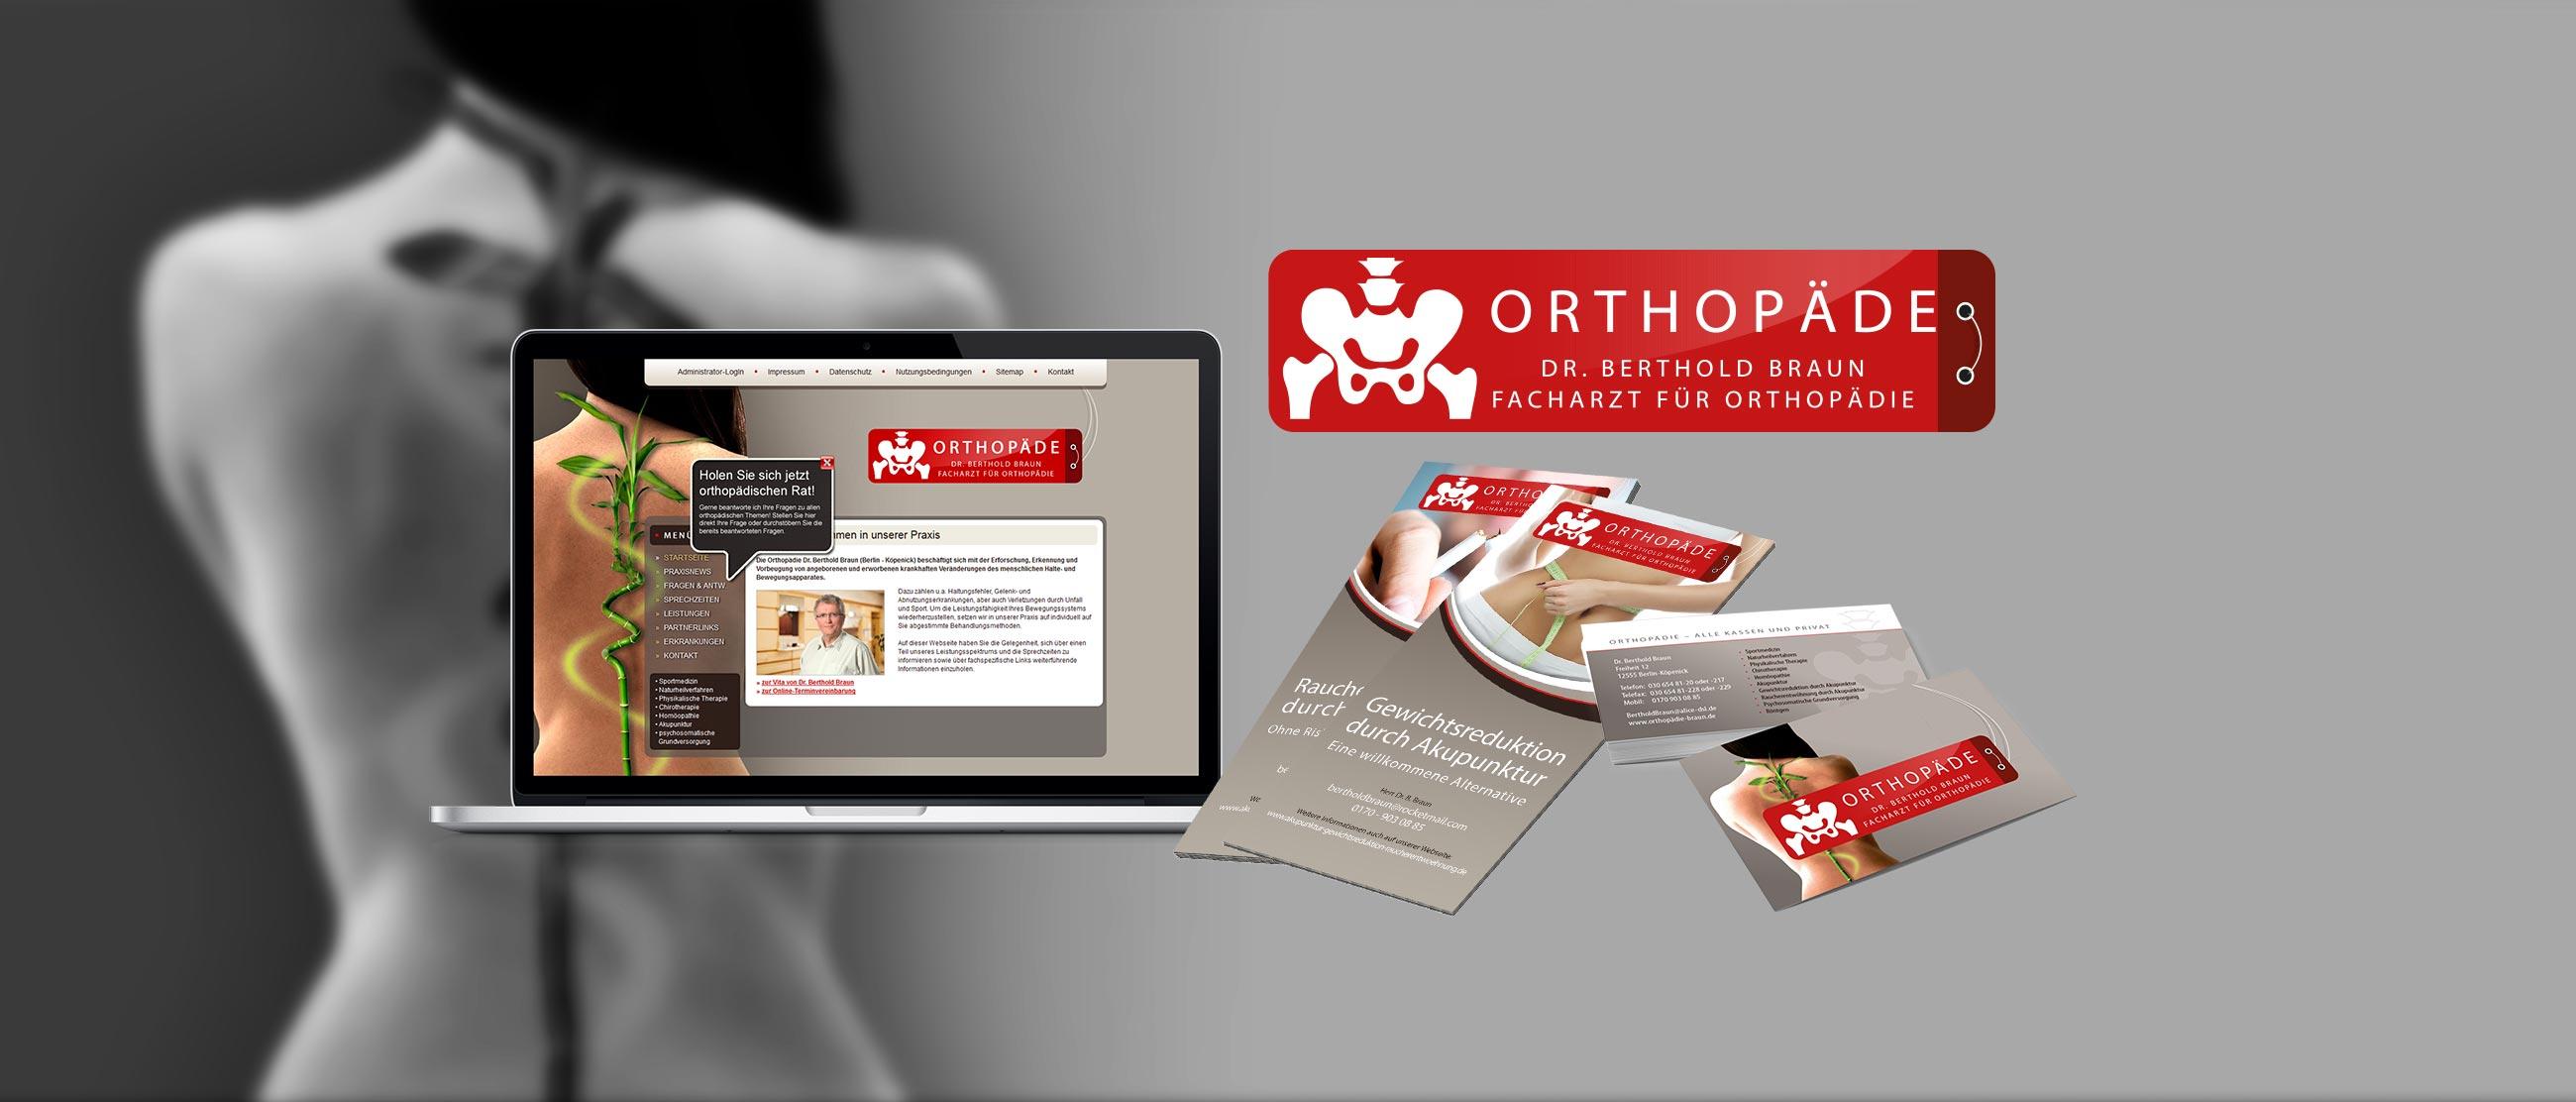 Orthopädie Dr. Berthold Braun: Erstellung eines Corporate Designs (Logo, Website, Flyer, Visitenkarten)